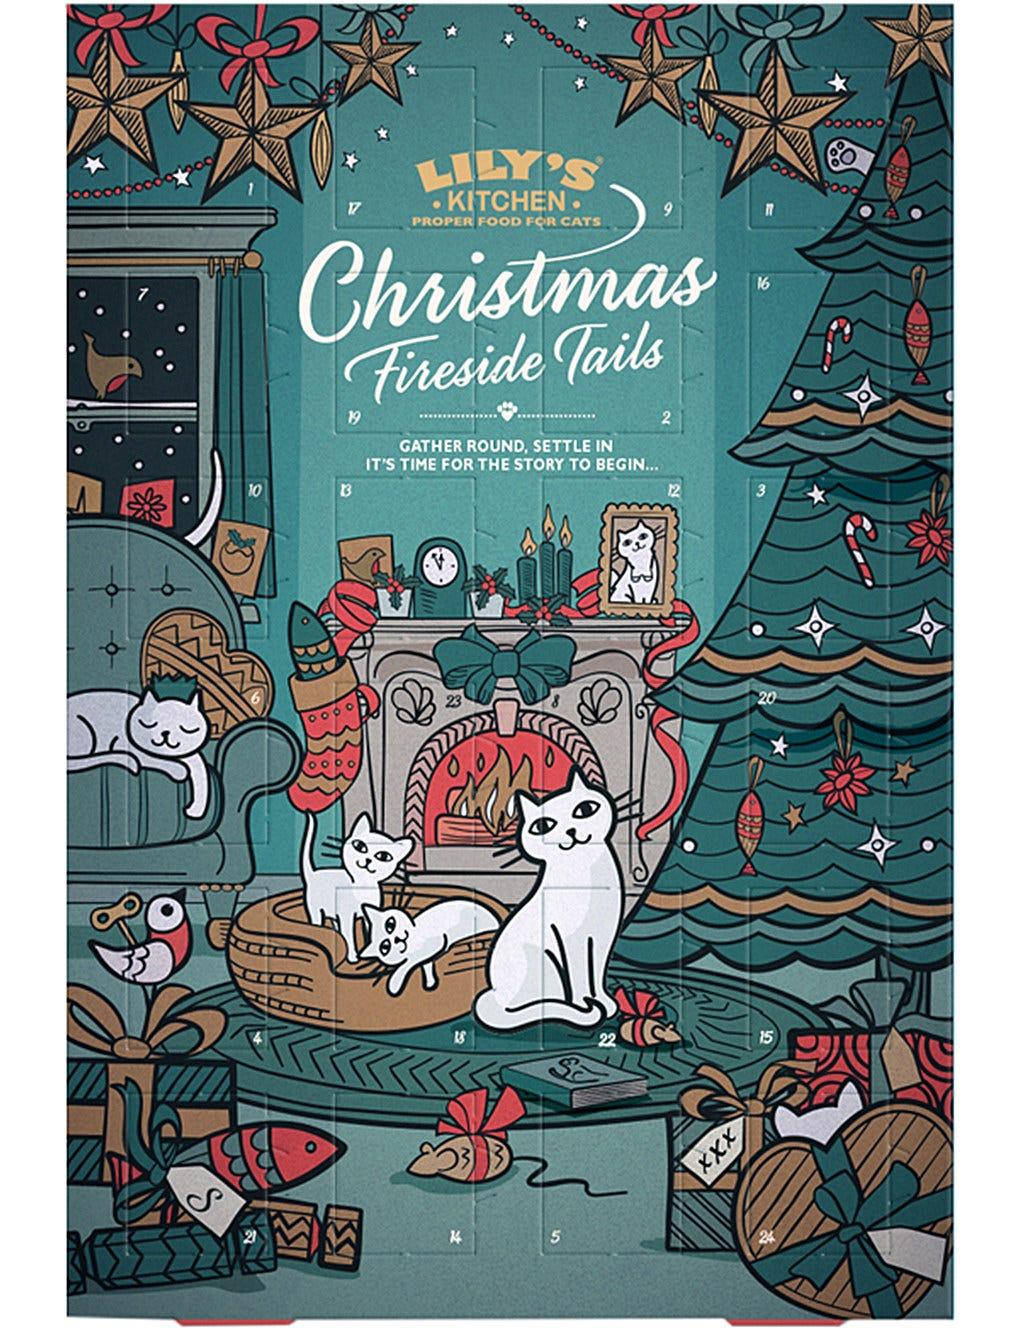 Food & Drink Advent Calendar Ideas For Christmas 2018